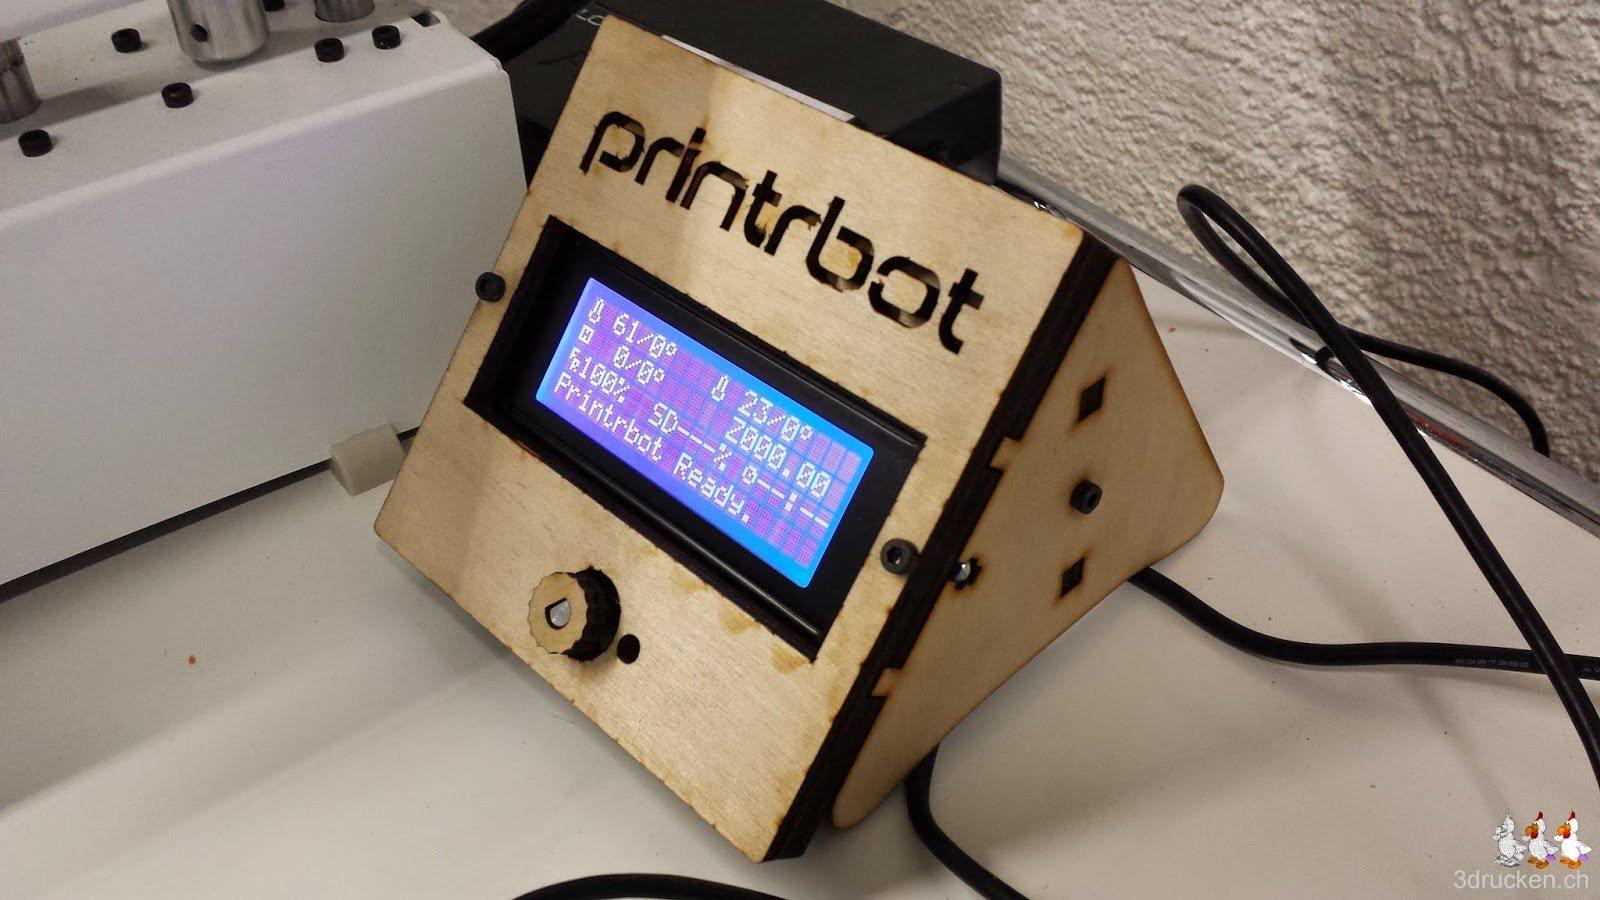 Foto des LCD am Printrbot Simple Metal von der Seite aufgenommen